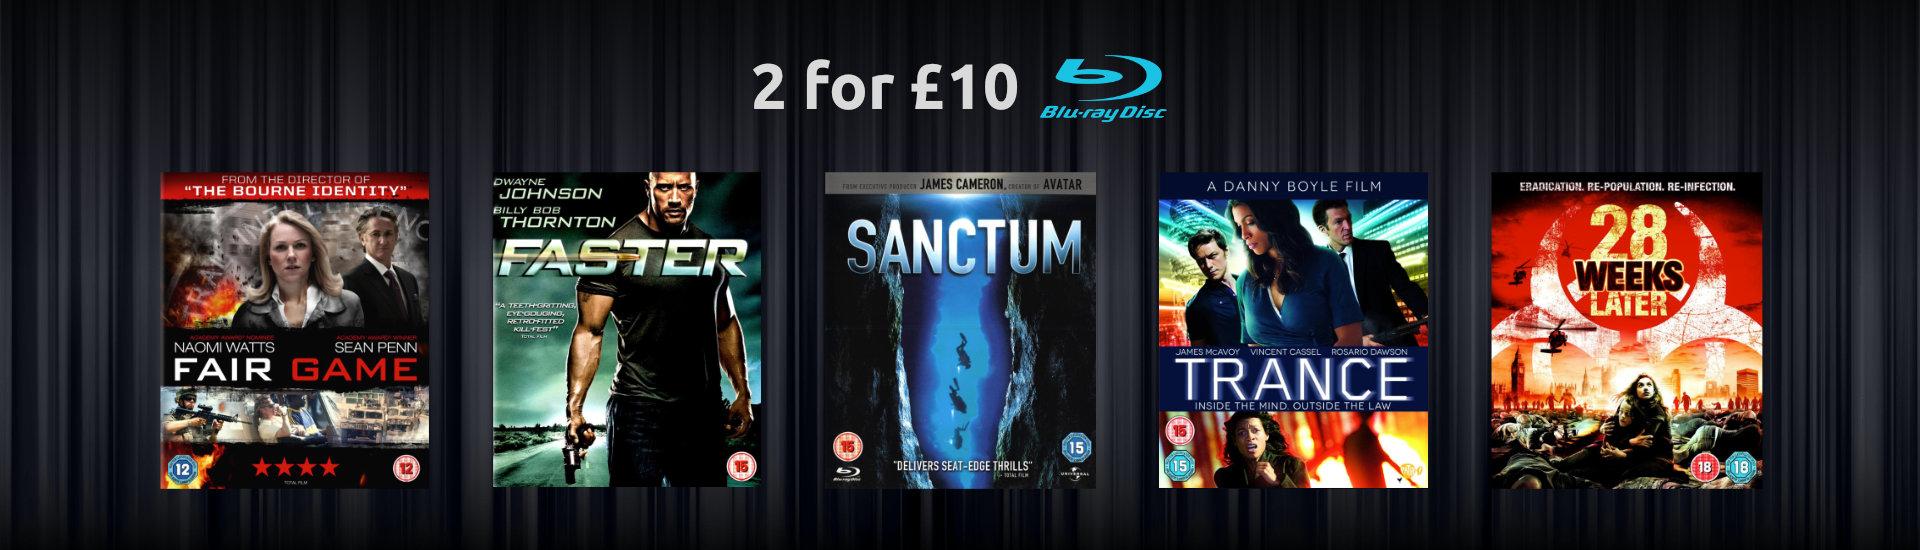 2 for £10 Thriller